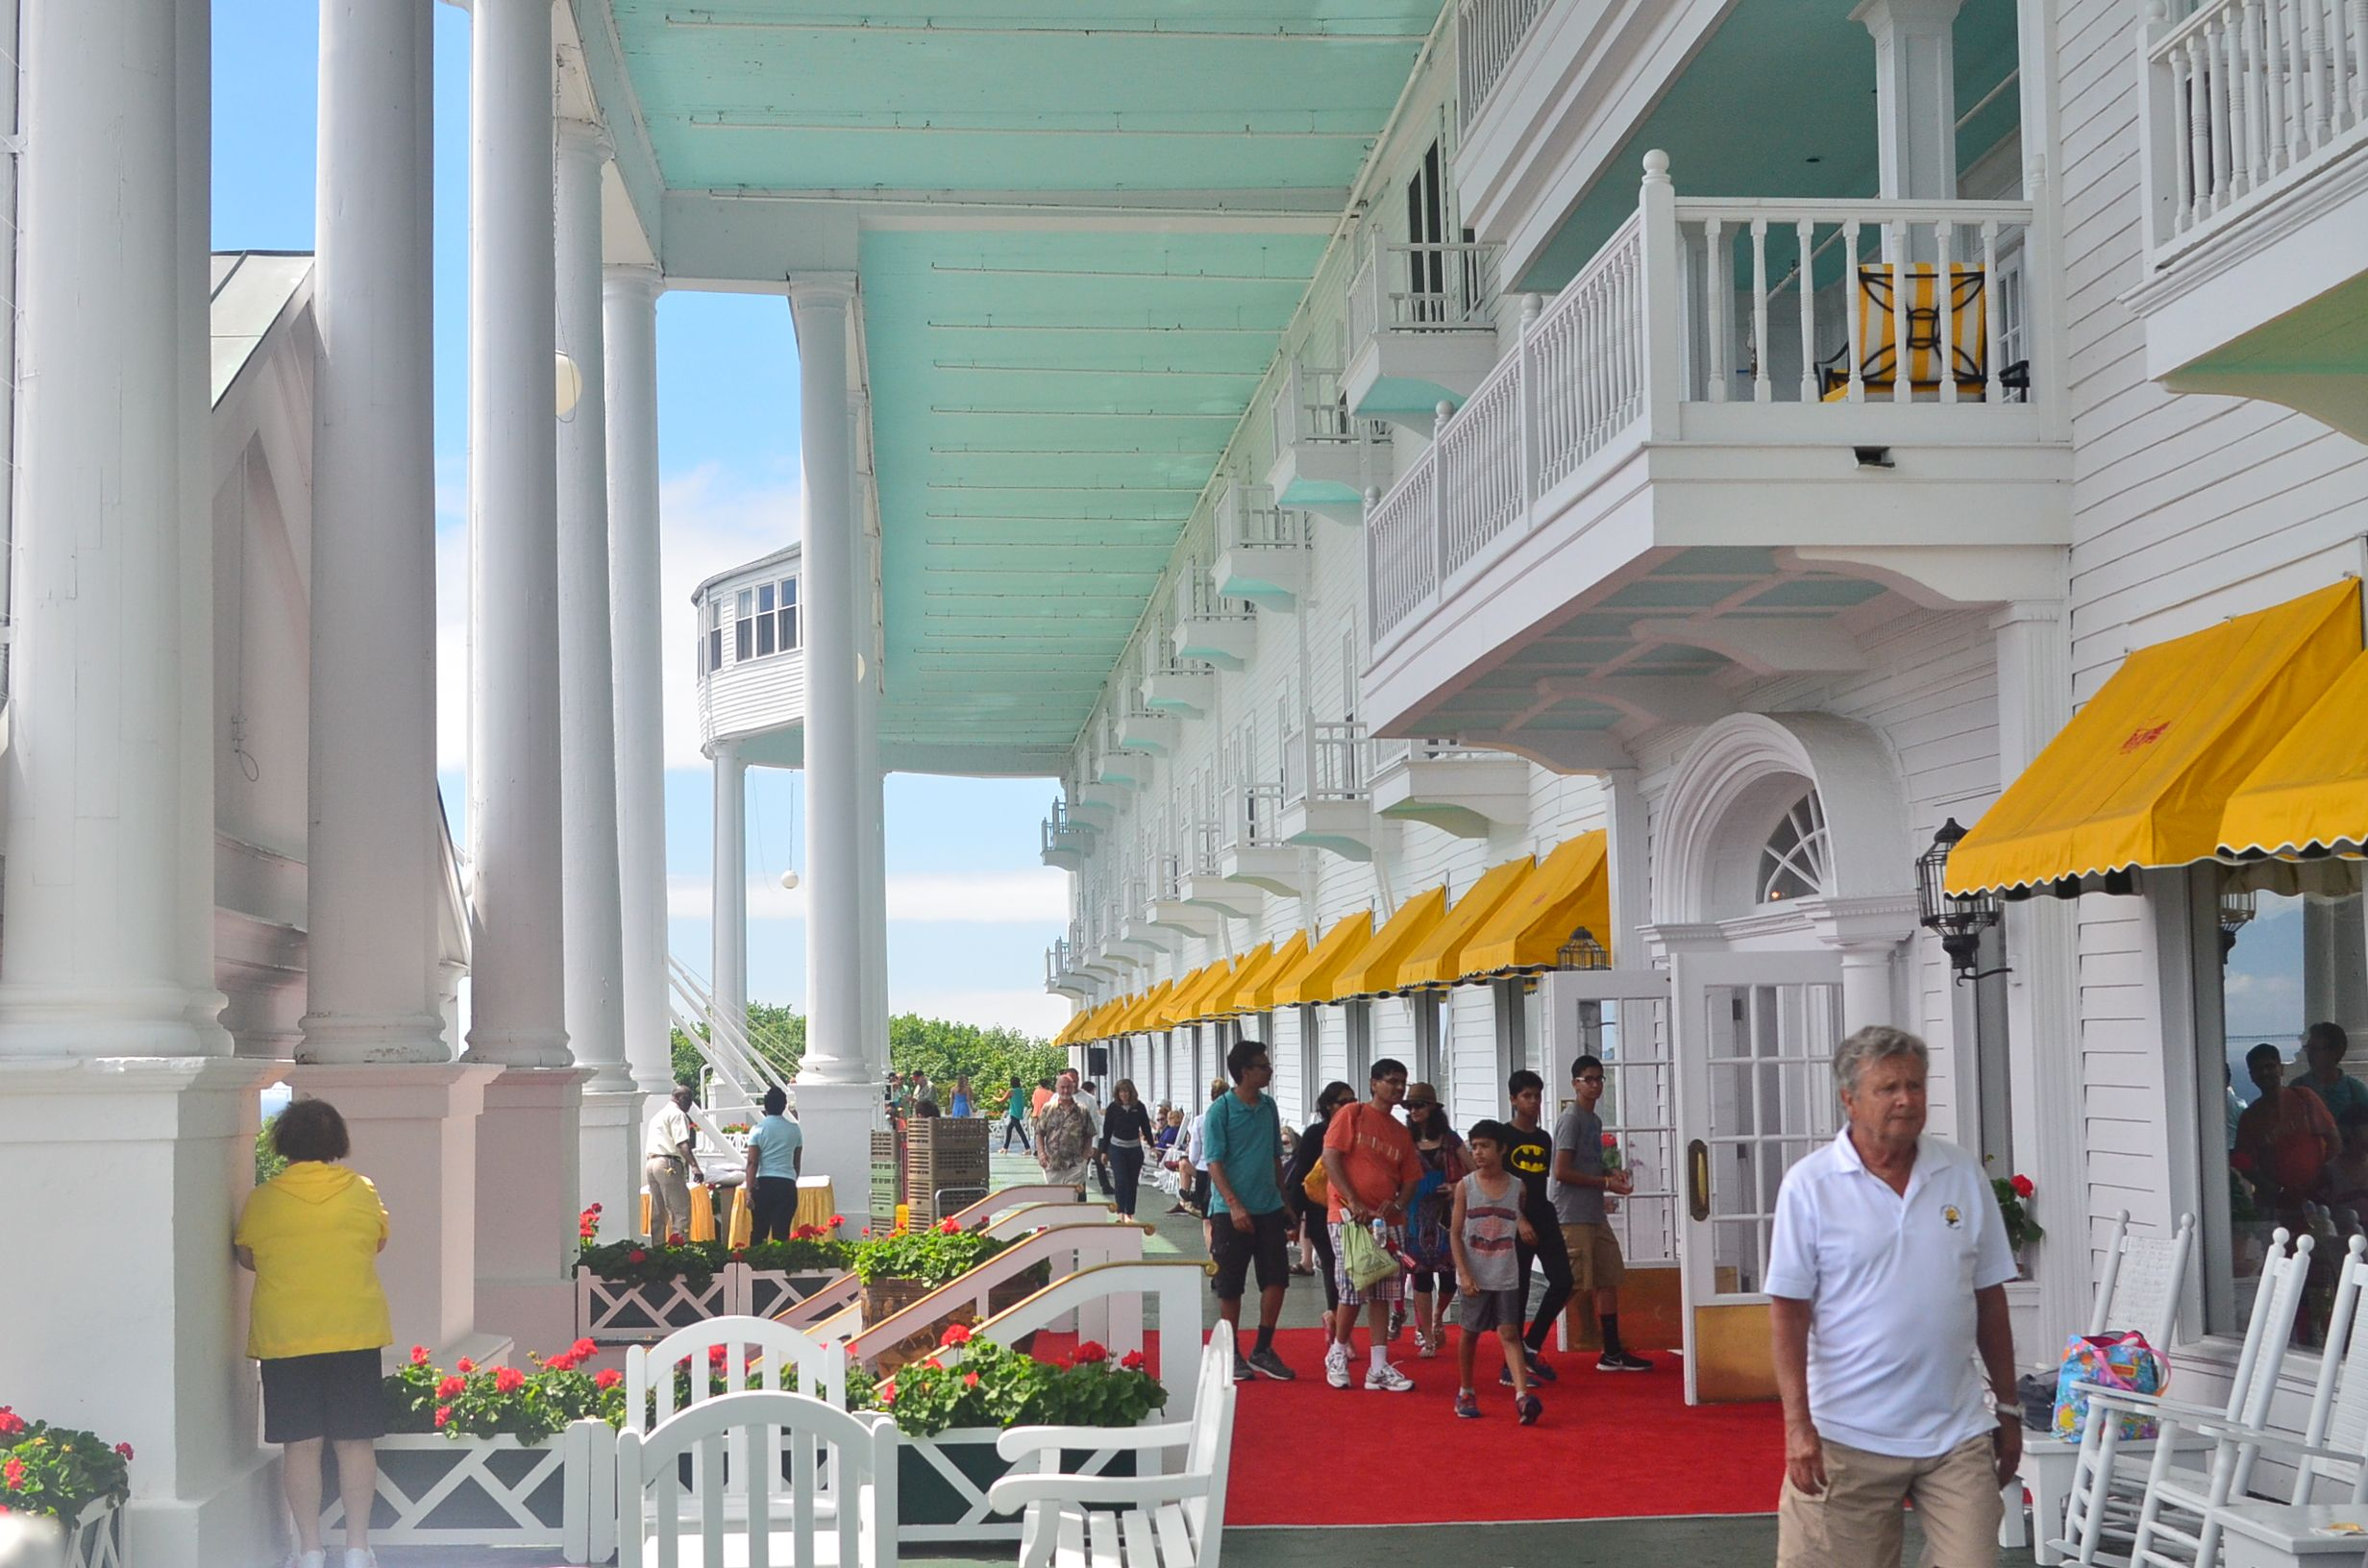 A Foos Feedback On Grand Hotel